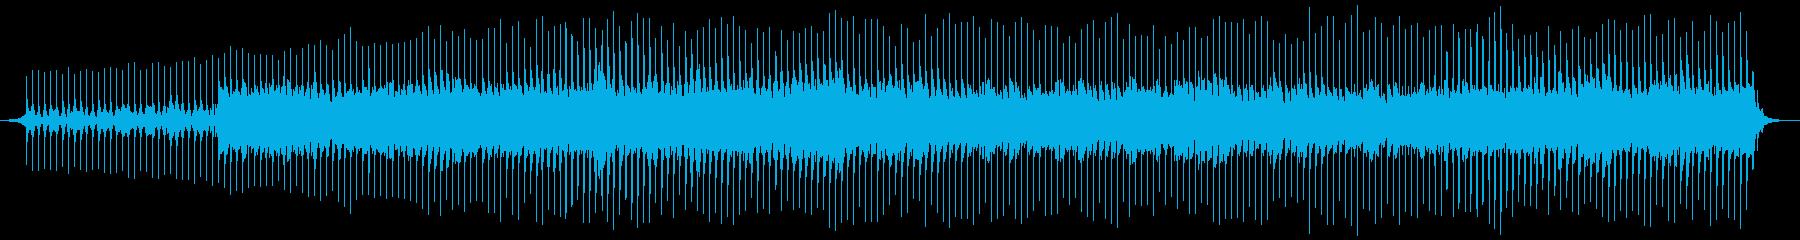 ポップ テクノ 緊張感 暗い ホラ...の再生済みの波形